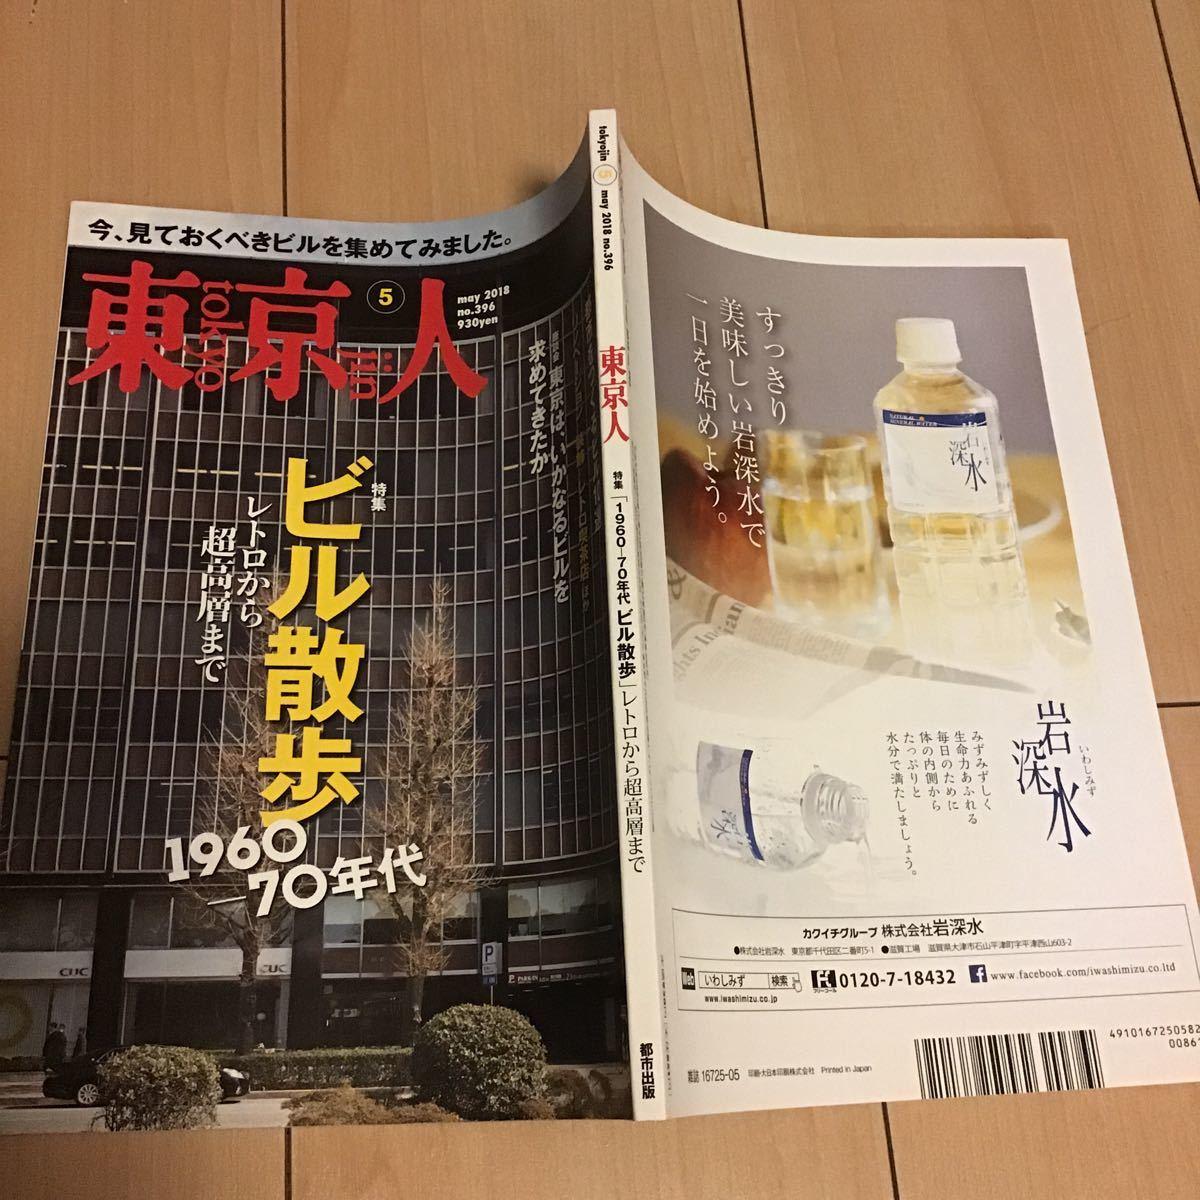 東京人 NO.396 2018年5月号 ビル散歩 1960-1970年代 レトロから超高層まで / 都市をつくるビル10選_画像2